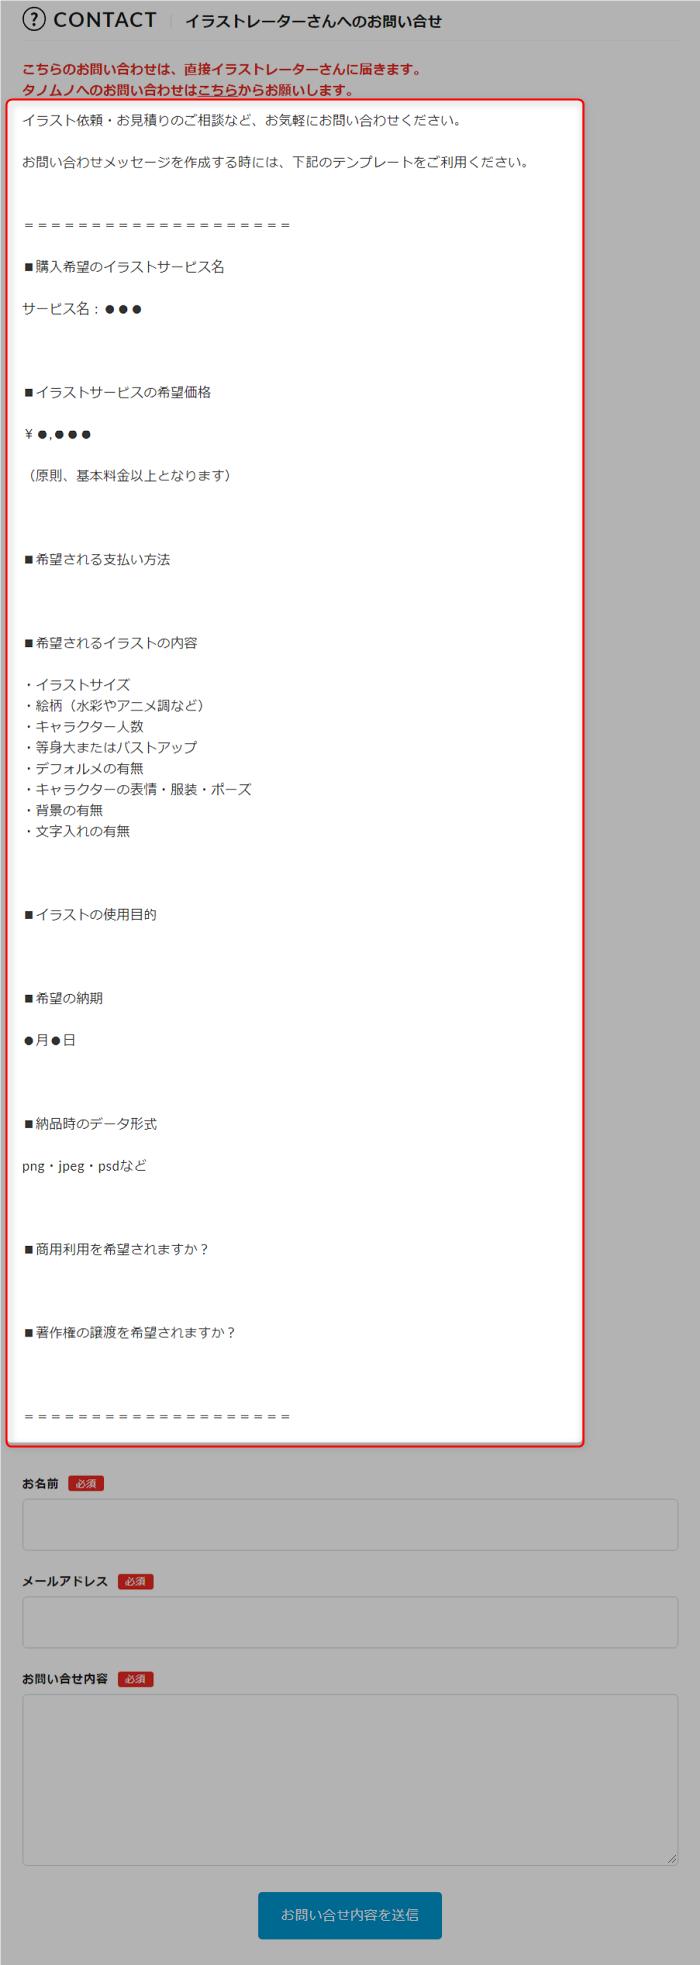 タノムノの問い合わせメッセージテンプレート